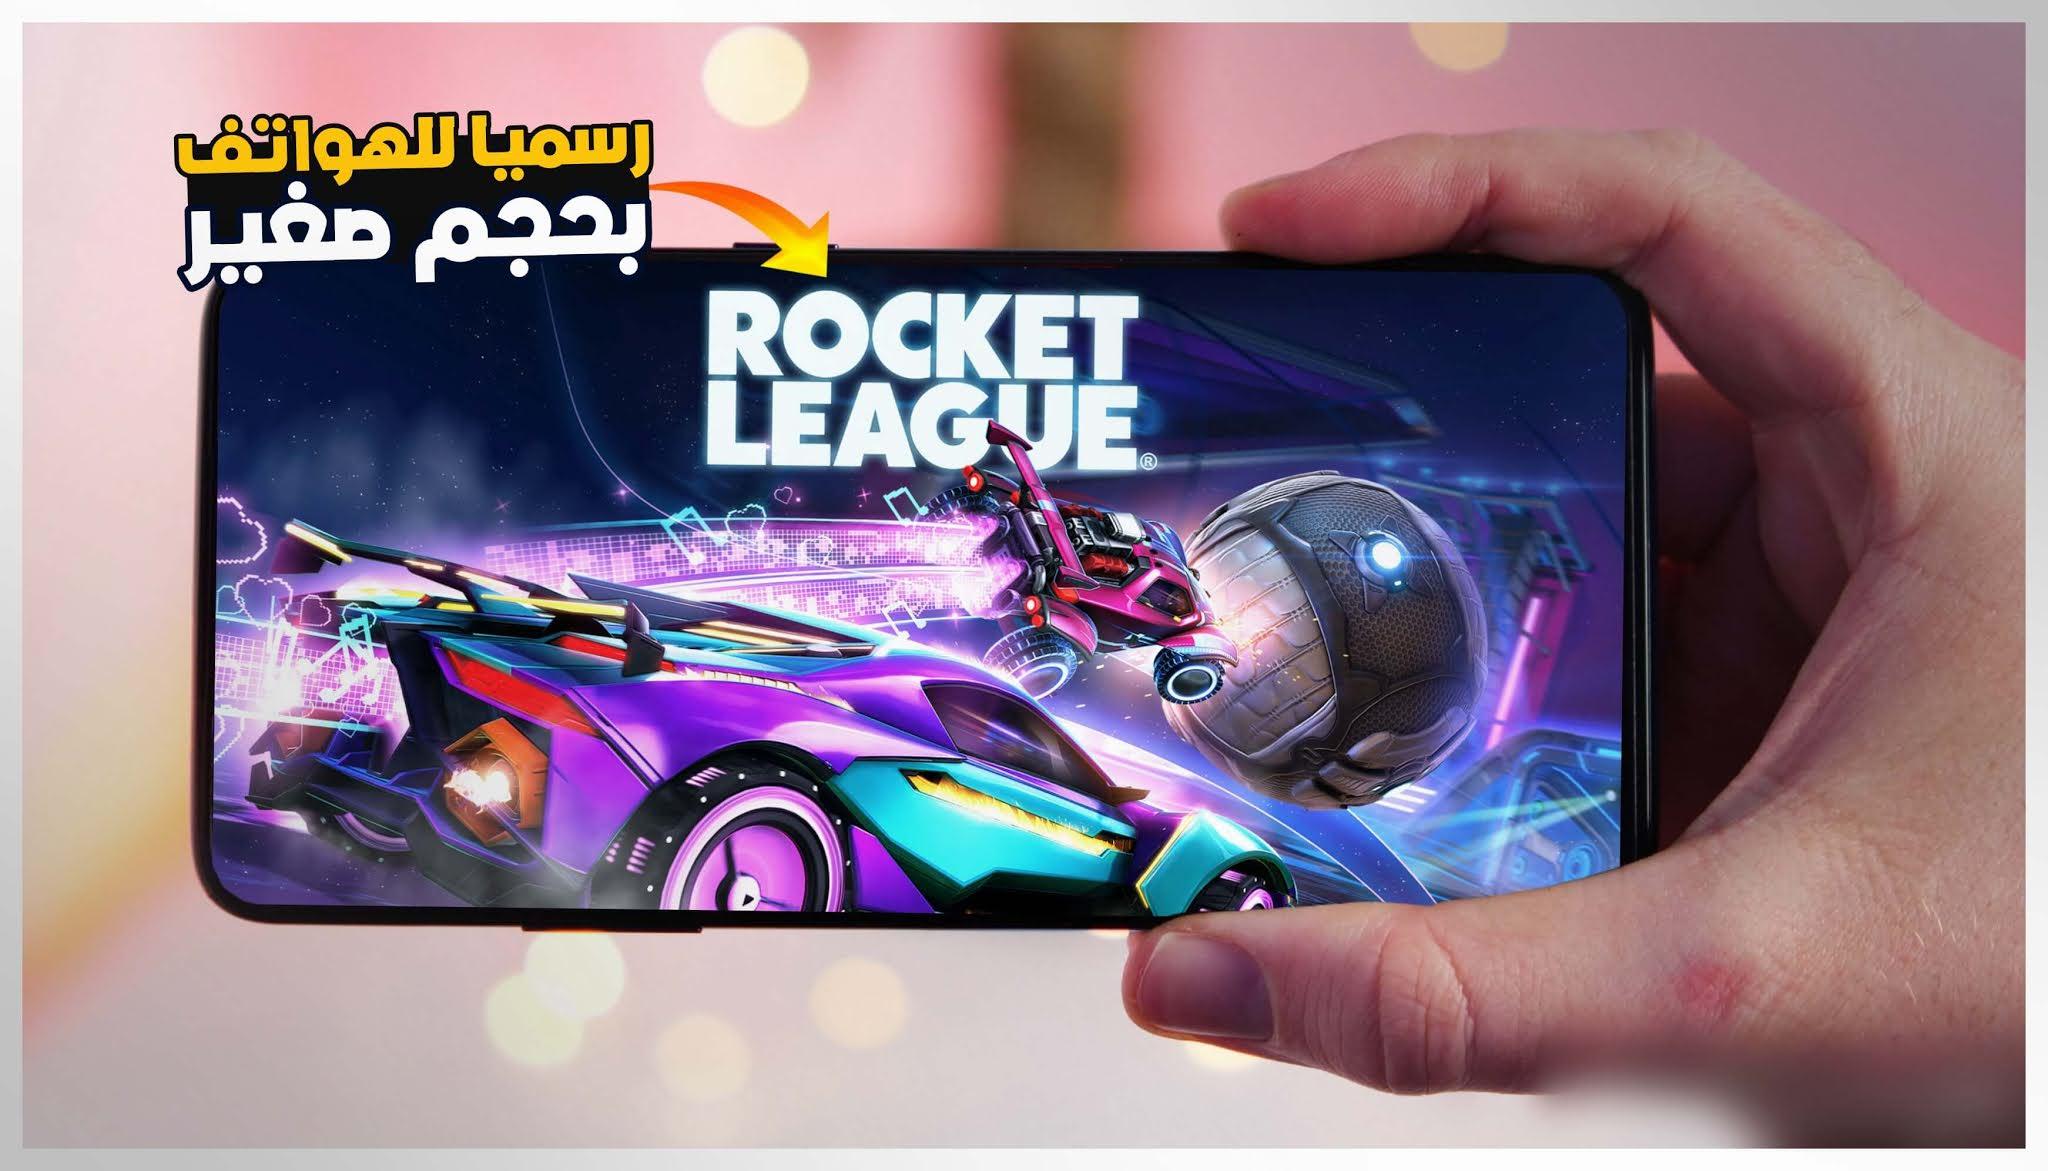 رسميا تحميل لعبة Rocket League الاصلية للاندرويد نسخة PC للاجهزة الضعيفة والمتوسطة | rocket league sideswipe apk